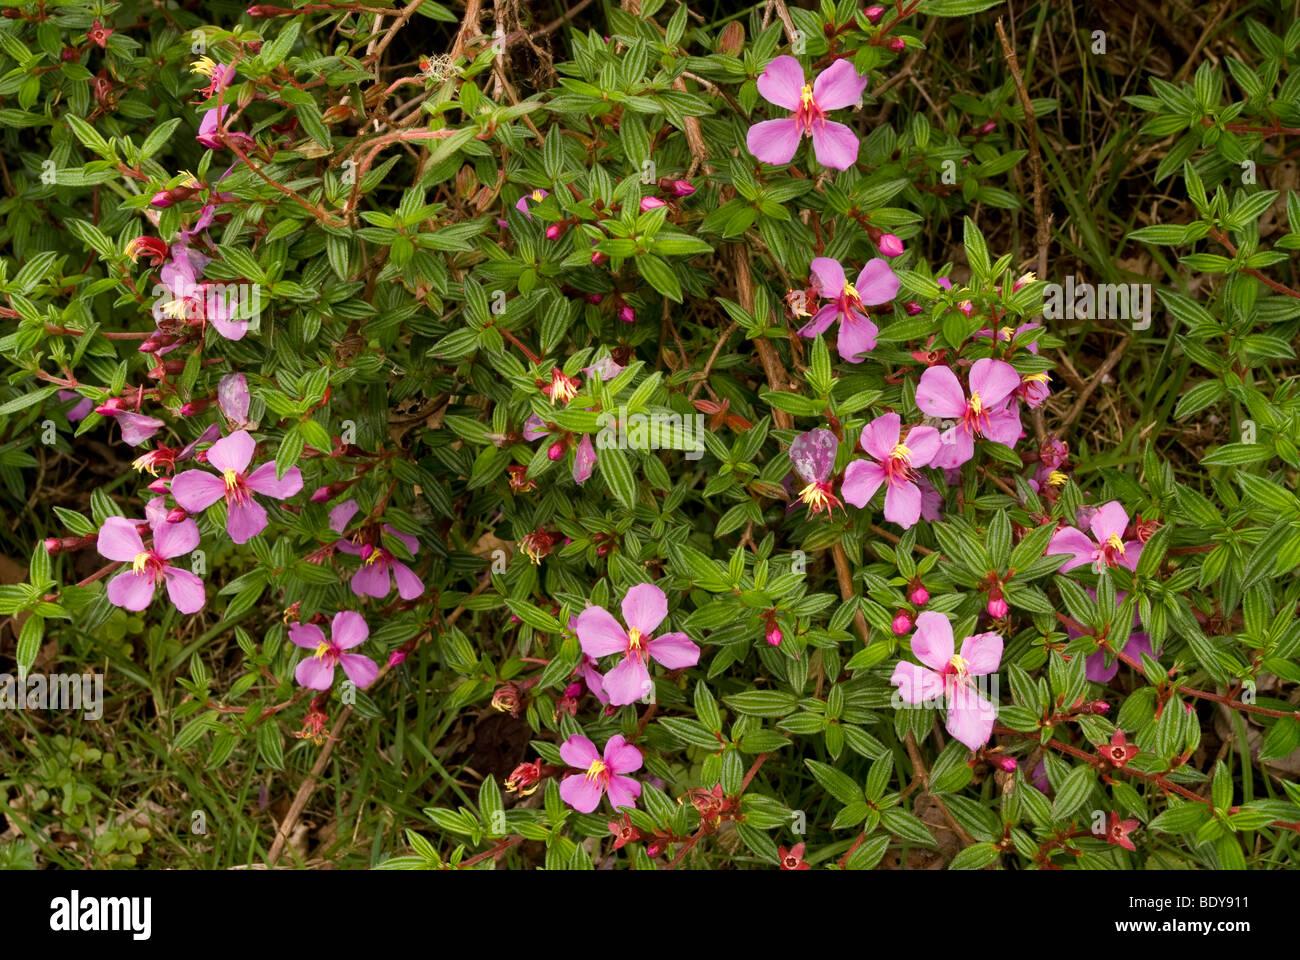 Monochaetum Amabile. Ein Strauch nach Costa Rica. Stockbild